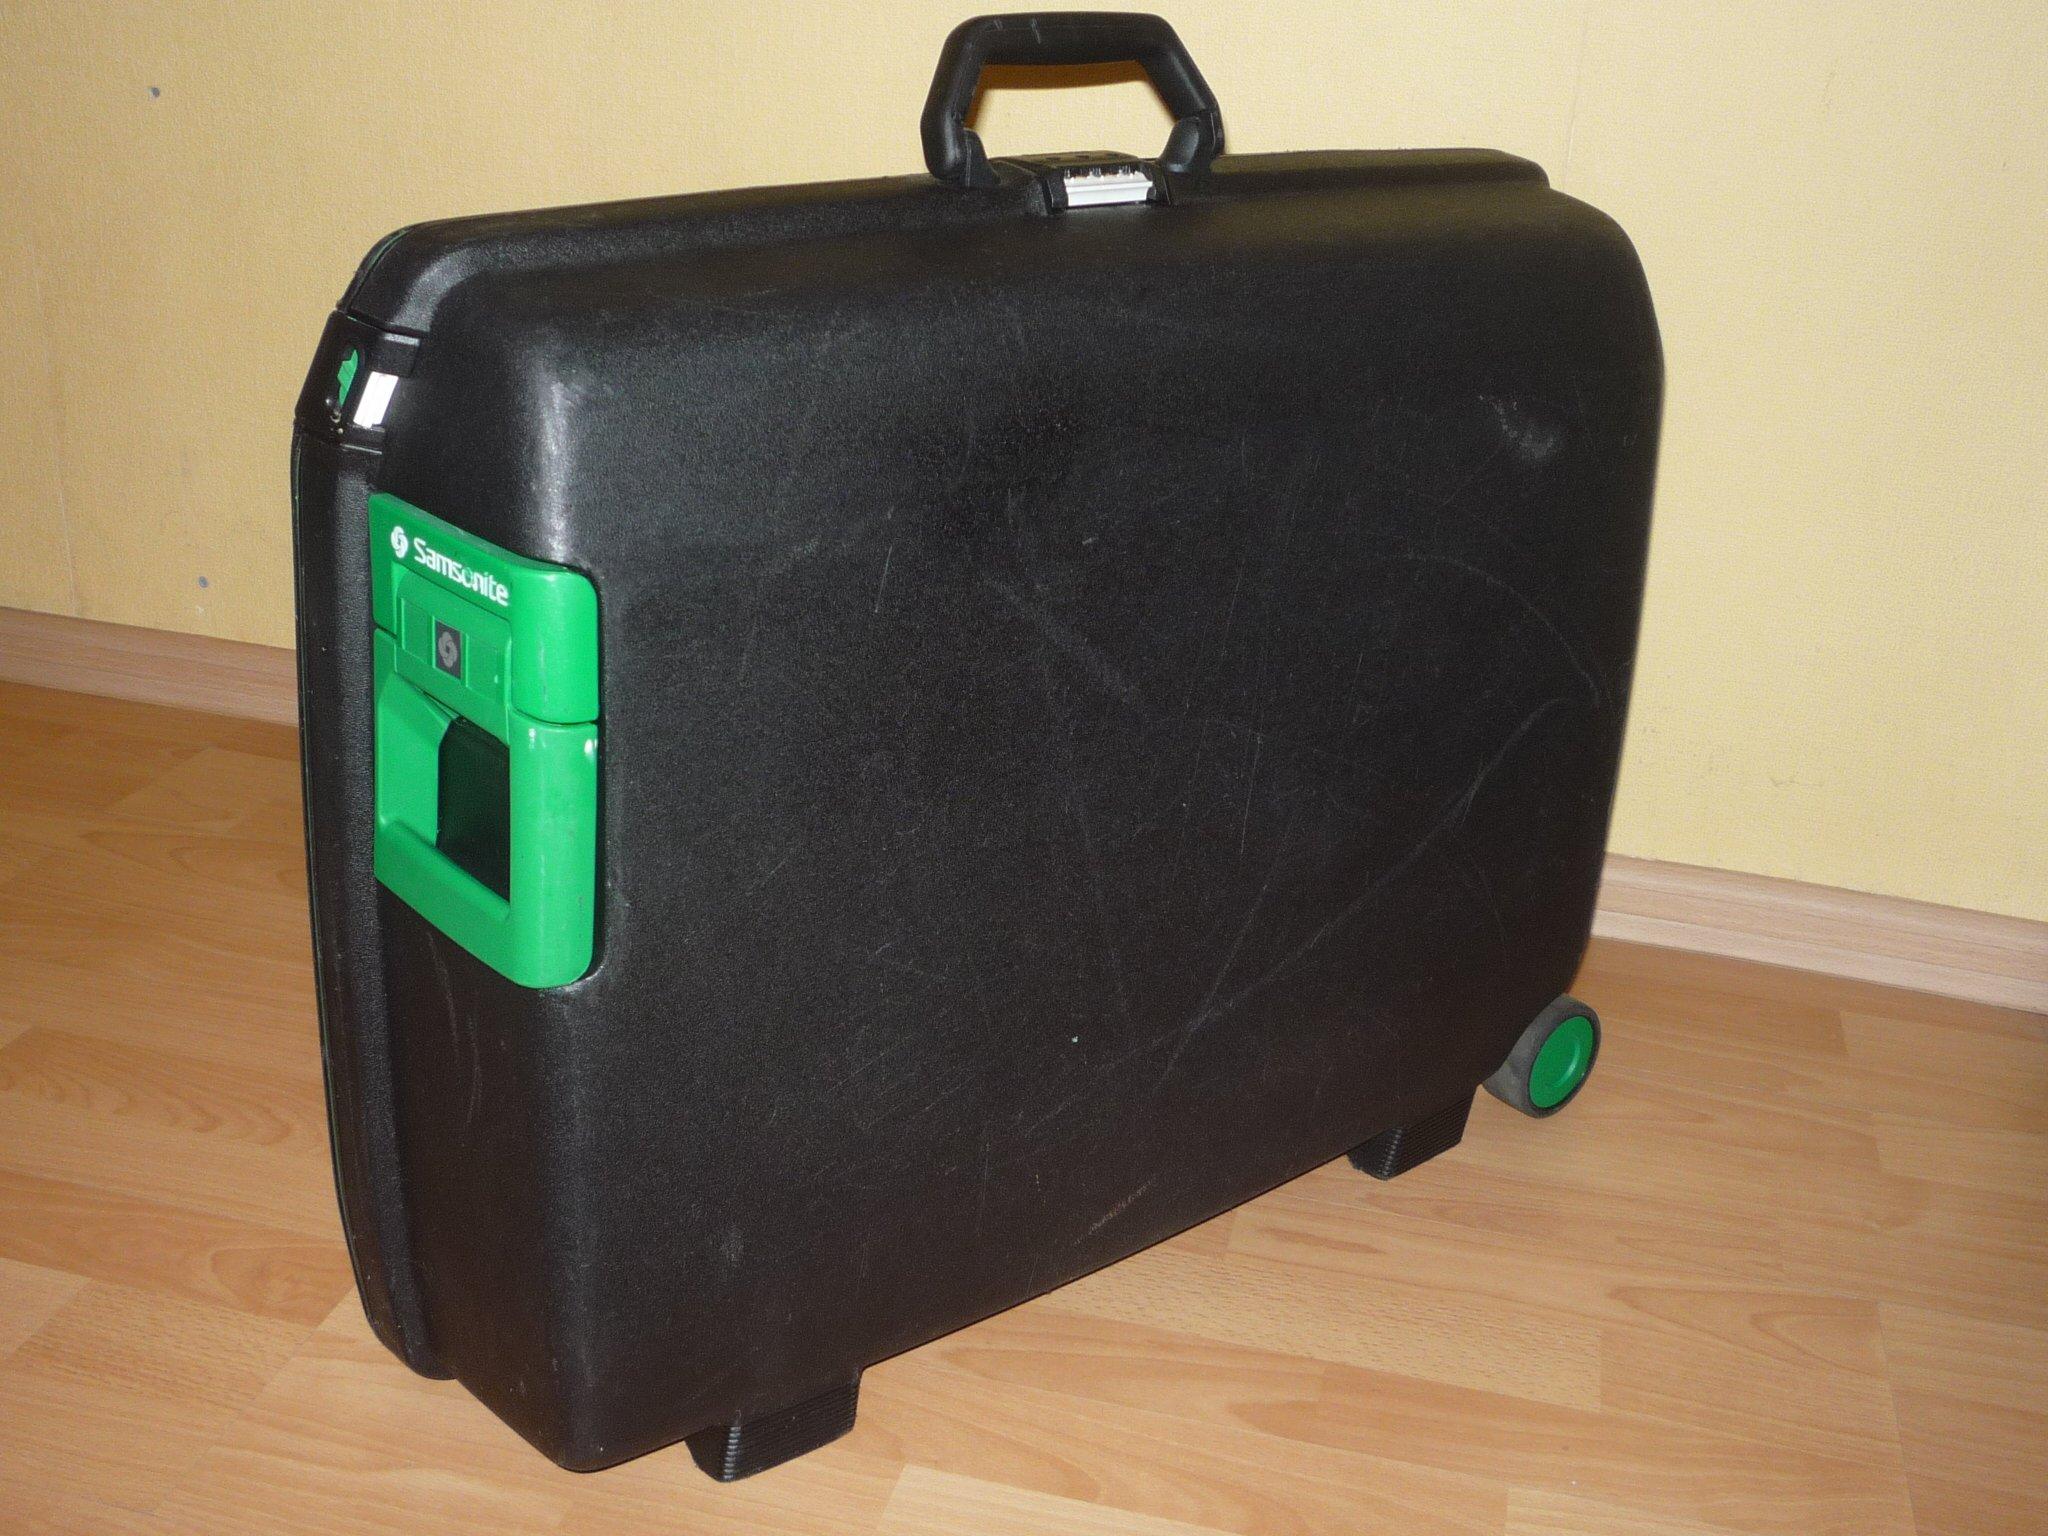 f256b19ebff68 Duża pakowna walizka z tworzywa ABS/poliwęglan - 7032853711 ...